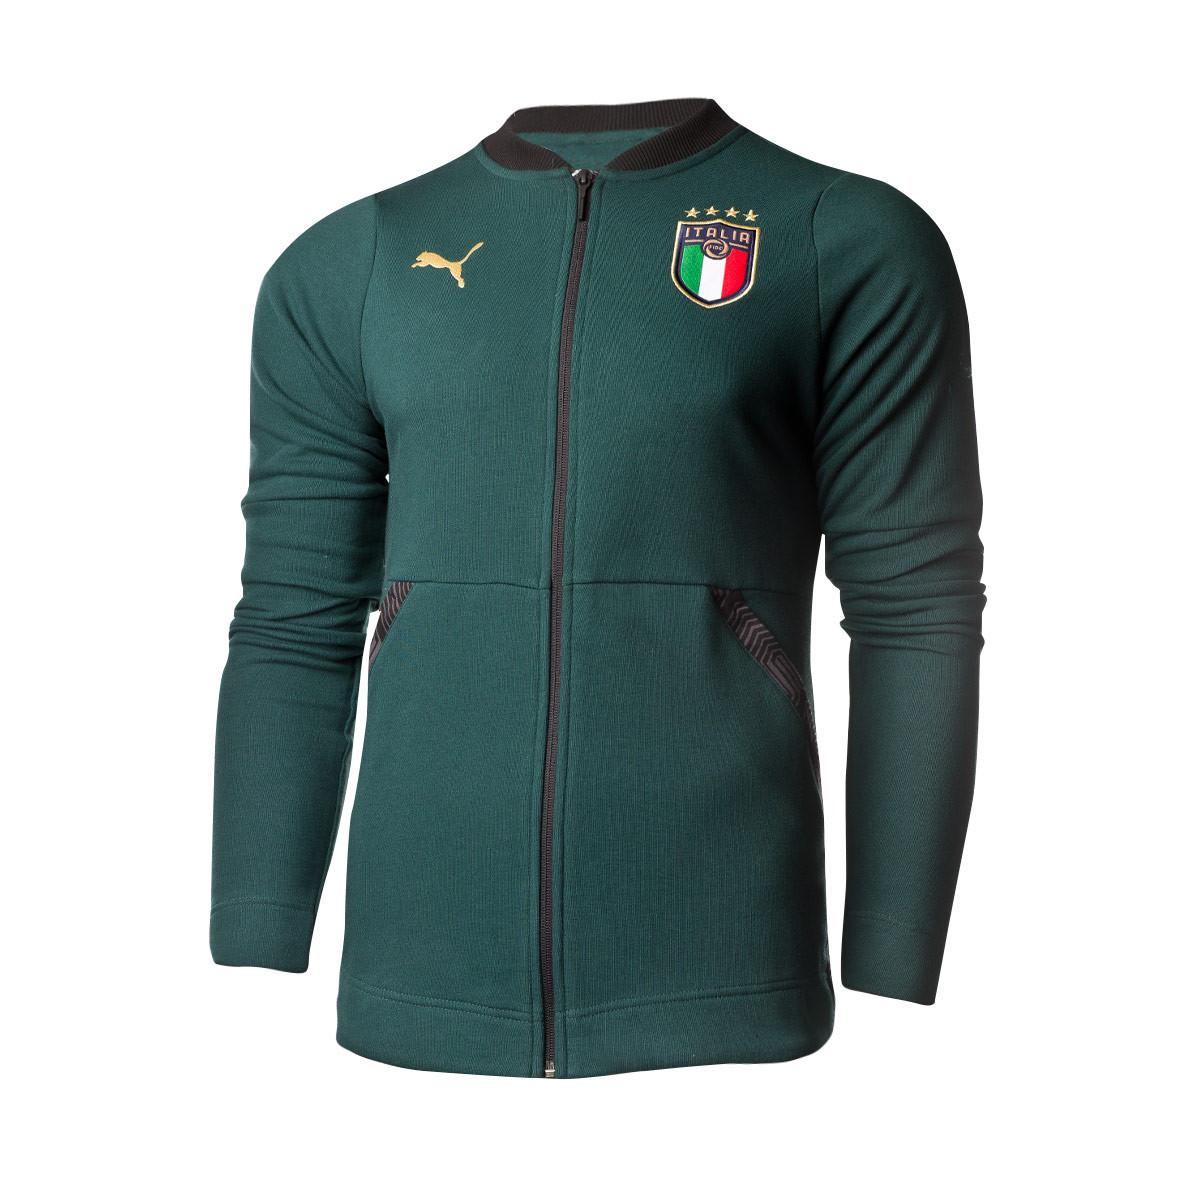 Puma Italia 2019-2020 Jacket